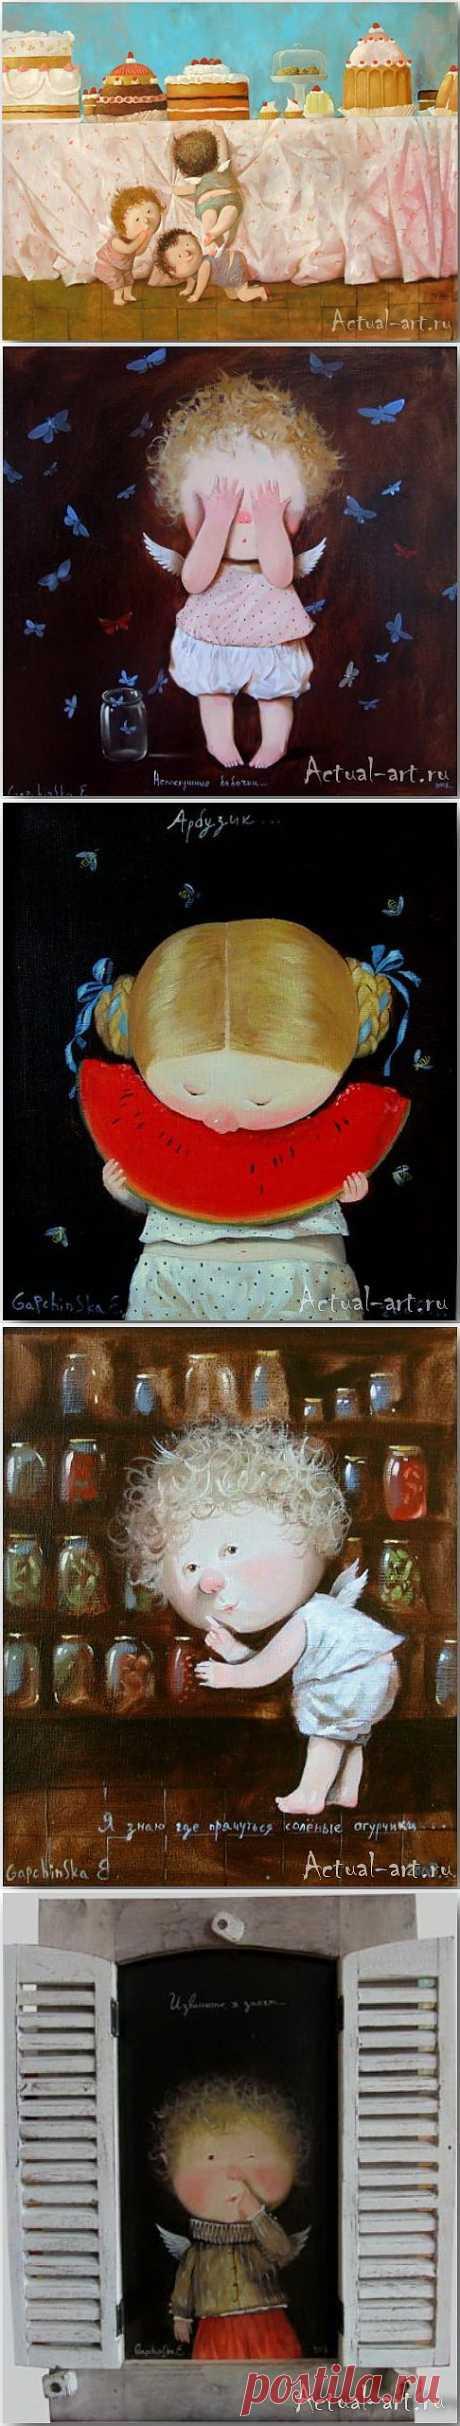 Сказочный мир Евгении Гапчинской (Evgenia Gapchinska) | Actual-art.ru